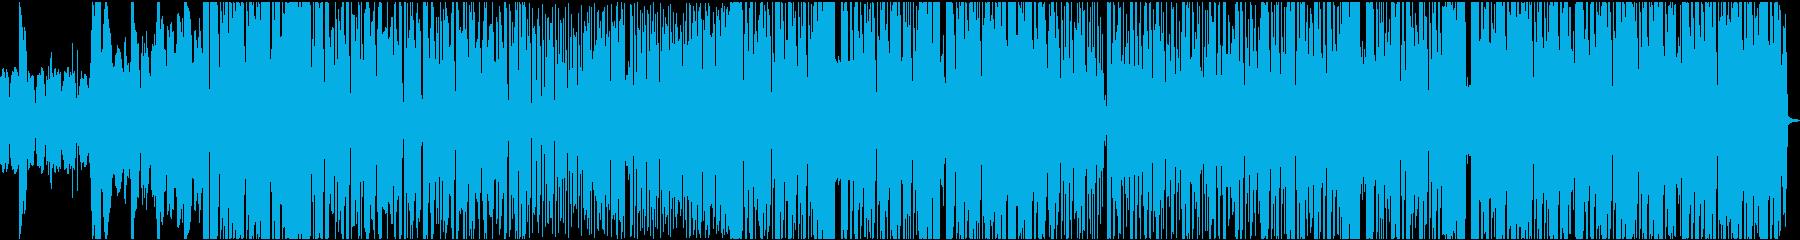 暖かくて暗めのEDMの再生済みの波形